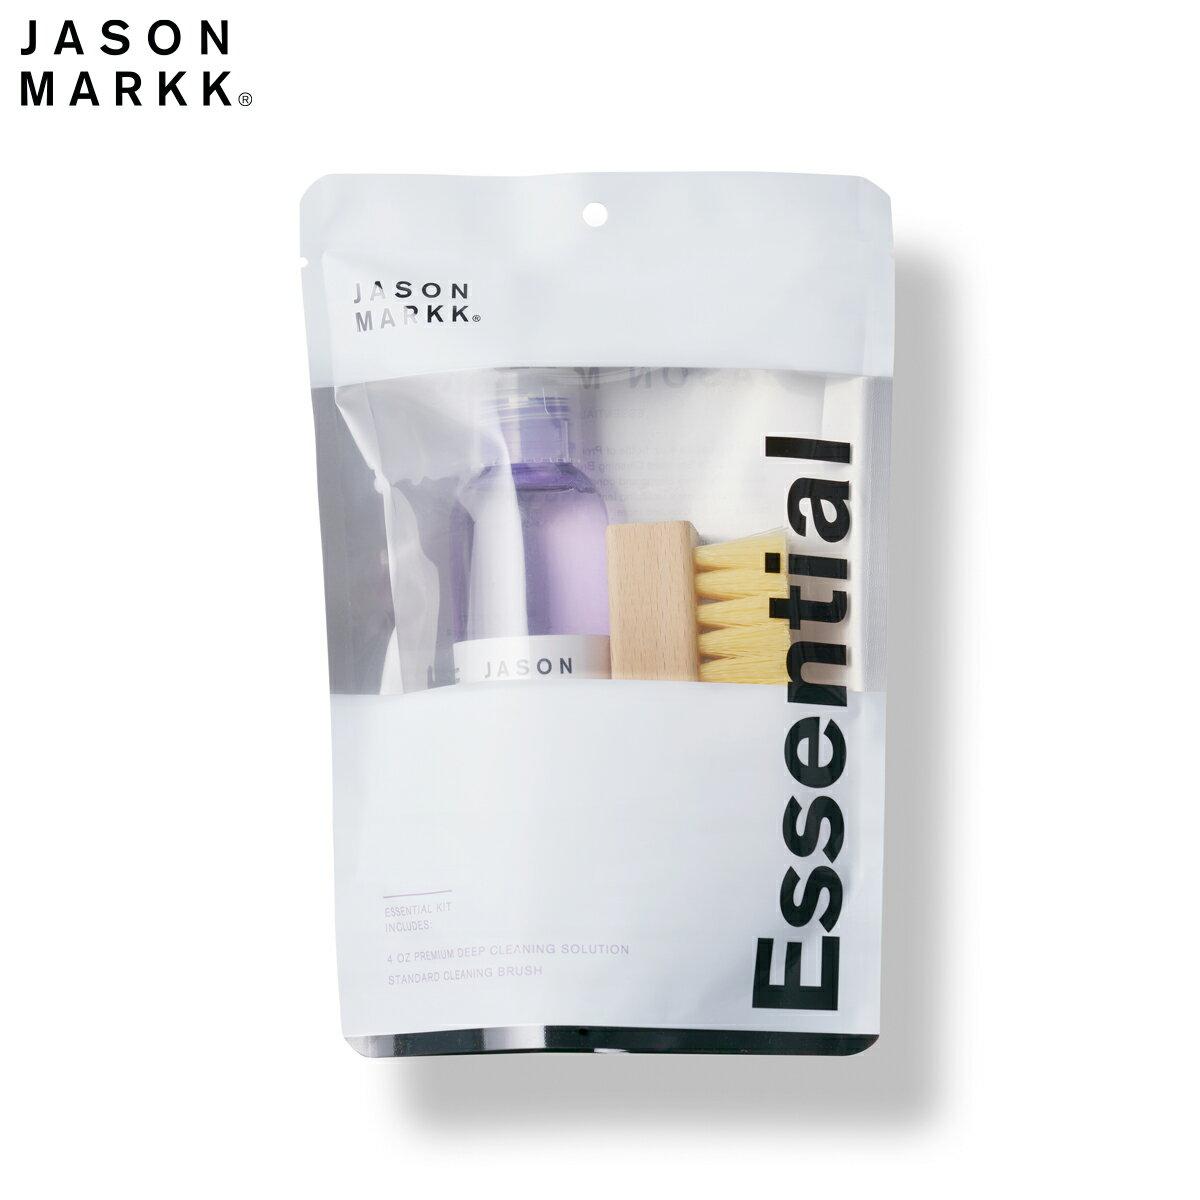 スニーカークリーナー JASON MARKK ESSENTIAL KIT ジェイソンマーク エッセンシャル キット あらゆる素材に対応可能なクリーナー